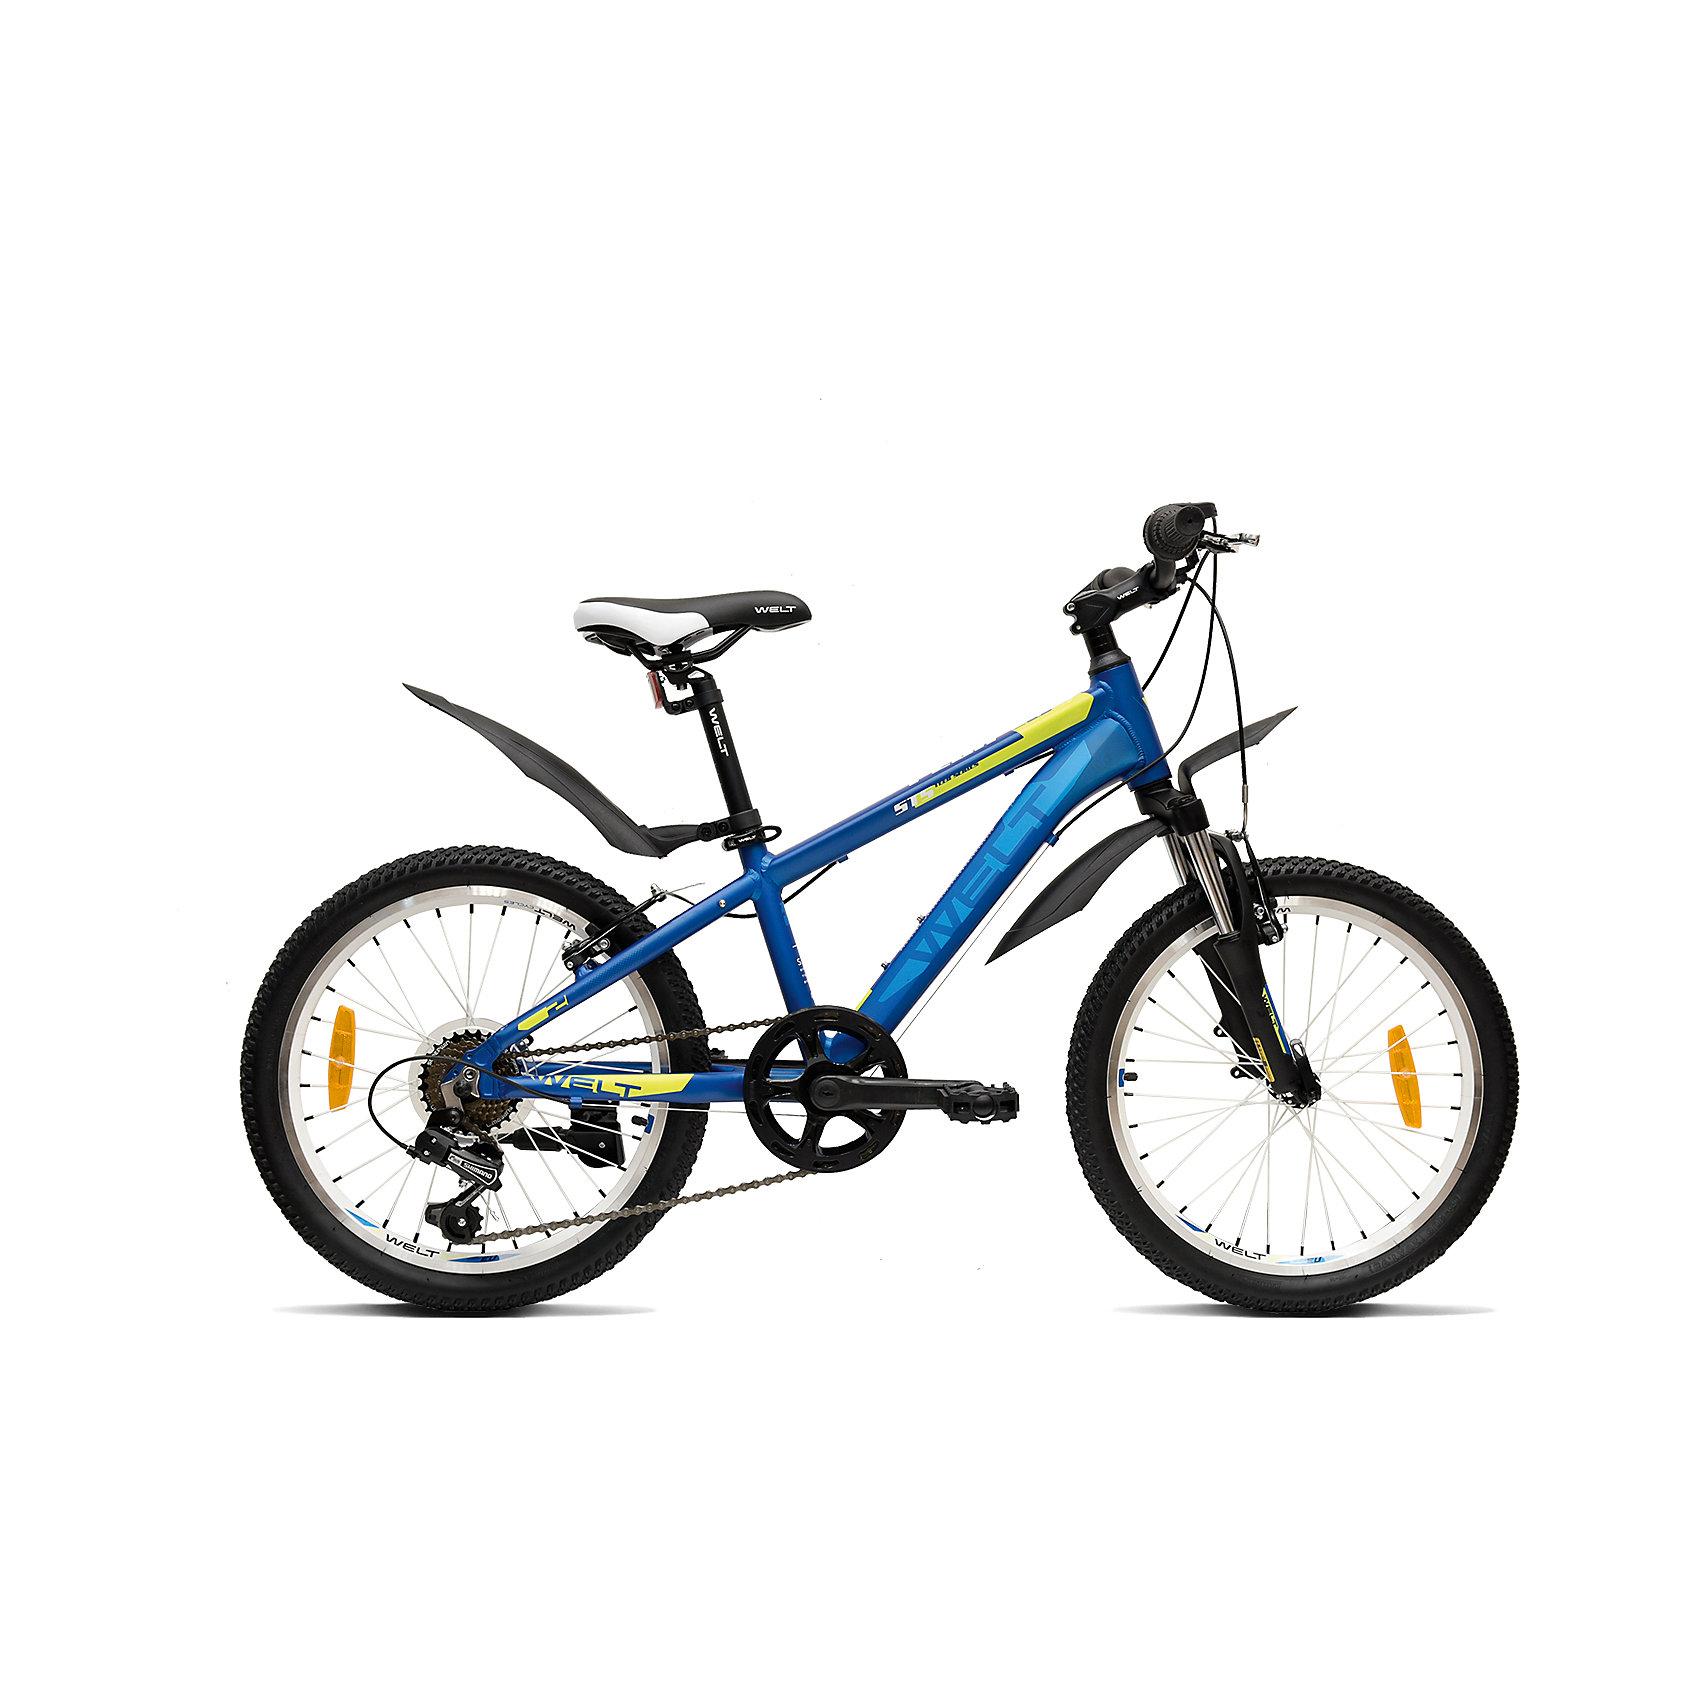 Велосипед  Peak 20, черно-голубой, WeltВелосипеды детские<br>Характеристики товара:<br><br>•  цвет: черный, голубой<br>• возраст: от 4 лет <br>• рама: Alloy 6061<br>• диаметр колес: 20<br>• скоростей: 7<br>• вилка: амортизационная (WELT ES-245 73 mm)<br>• задний переключатель: Shimano TY-21<br>• шифтеры: Shimano RS-35 R 7spd<br>• тормоза: CB-141 (V-brake)<br>• каретка: semi-cartridge<br>• кассета: TriDaimond FW217B<br>• тип рулевой колонки: 1-1/8 безрезьбовая<br>• вынос: alloy, A-Head, 80mm<br>• руль: steel low rise Ф25,4 560mm<br>• ободья: alloy, double wall<br>• покрышки: Wanda P1197 20x1,95<br>• втулки: YS w/QR<br>• подседельный штырь: steel Ф27,2 300mm<br>• цепь: KMC Z33<br>• вес: 16.5 кг <br>•размер: 145х20х80см. <br>• страна бренда: Германия  <br><br>Горный велосипед для мальчиков с колесами 20 дюймов, собранных на двойных ободах, гораздо более устойчивых к ударам, бордюрам и деформациям. <br><br>Рама из алюминиевого сплава сварена из труб сложного профиля, что обеспечивает высокую надежность и безопасность при эксплуатации. <br><br>Рулевой узел выполнен по стандартам взрослых горных велосипедов, что также повышает эксплуатационные свойства. <br><br>Модель оборудована амортизационной вилкой и 7 скоростной трансмиссией Shimano Tourney. В комплект велосипеда входят крылья и подножка. <br><br>Велосипед  Peak 20 можно купить в нашем интернет-магазине.<br><br>Ширина мм: 1450<br>Глубина мм: 200<br>Высота мм: 800<br>Вес г: 16500<br>Возраст от месяцев: 48<br>Возраст до месяцев: 2147483647<br>Пол: Унисекс<br>Возраст: Детский<br>SKU: 5569408